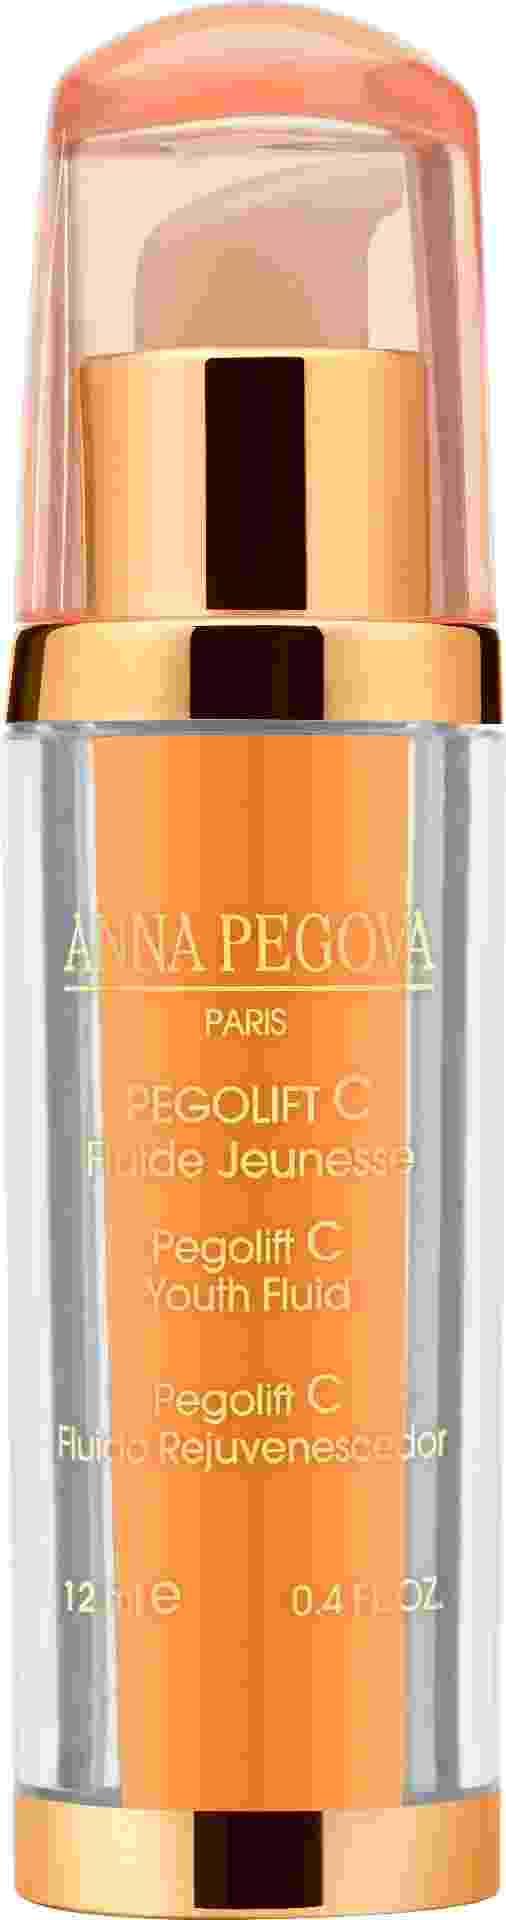 Pegolift C Anna Pegova: com alta concentração de vitamina C estabilizada. R$216 www.annapegova.com.br - Divulgação